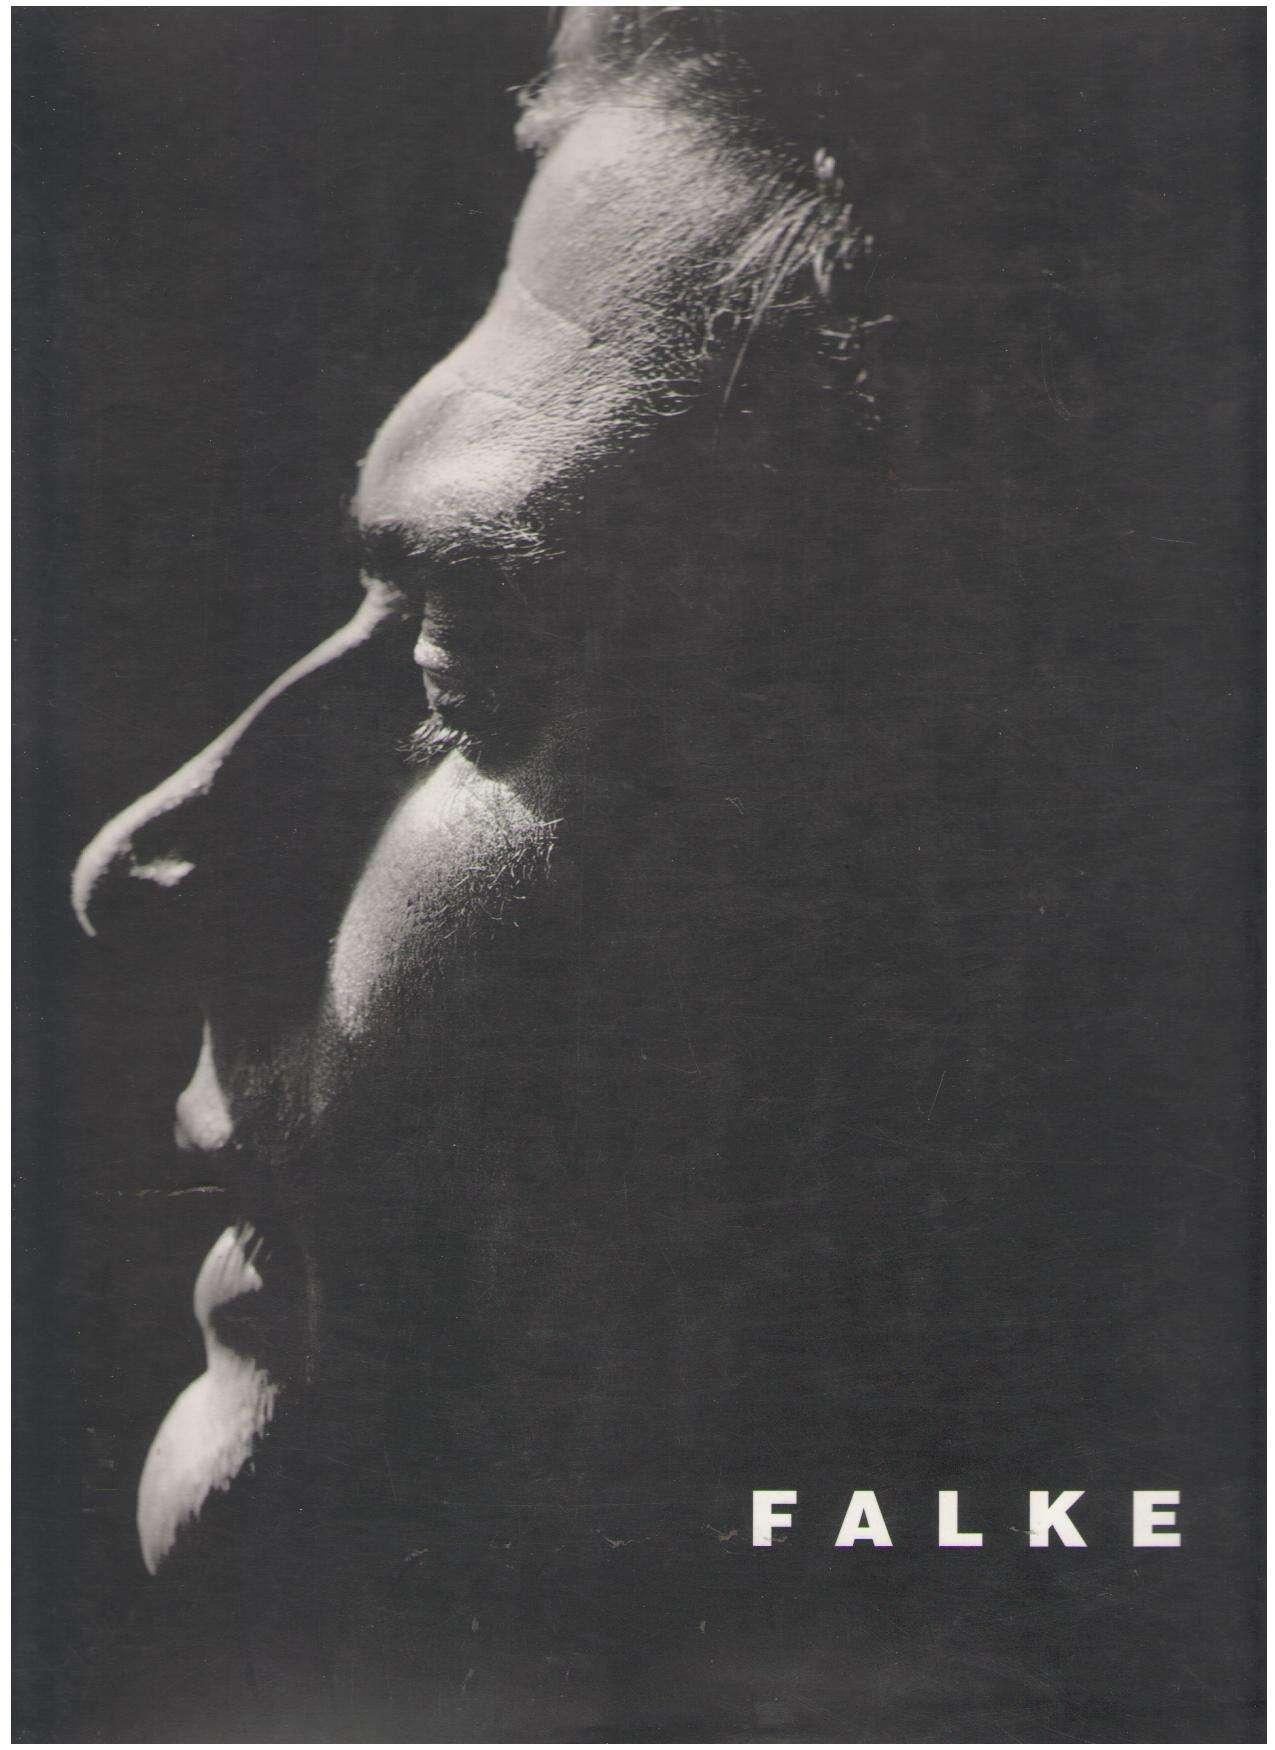 FALKE.